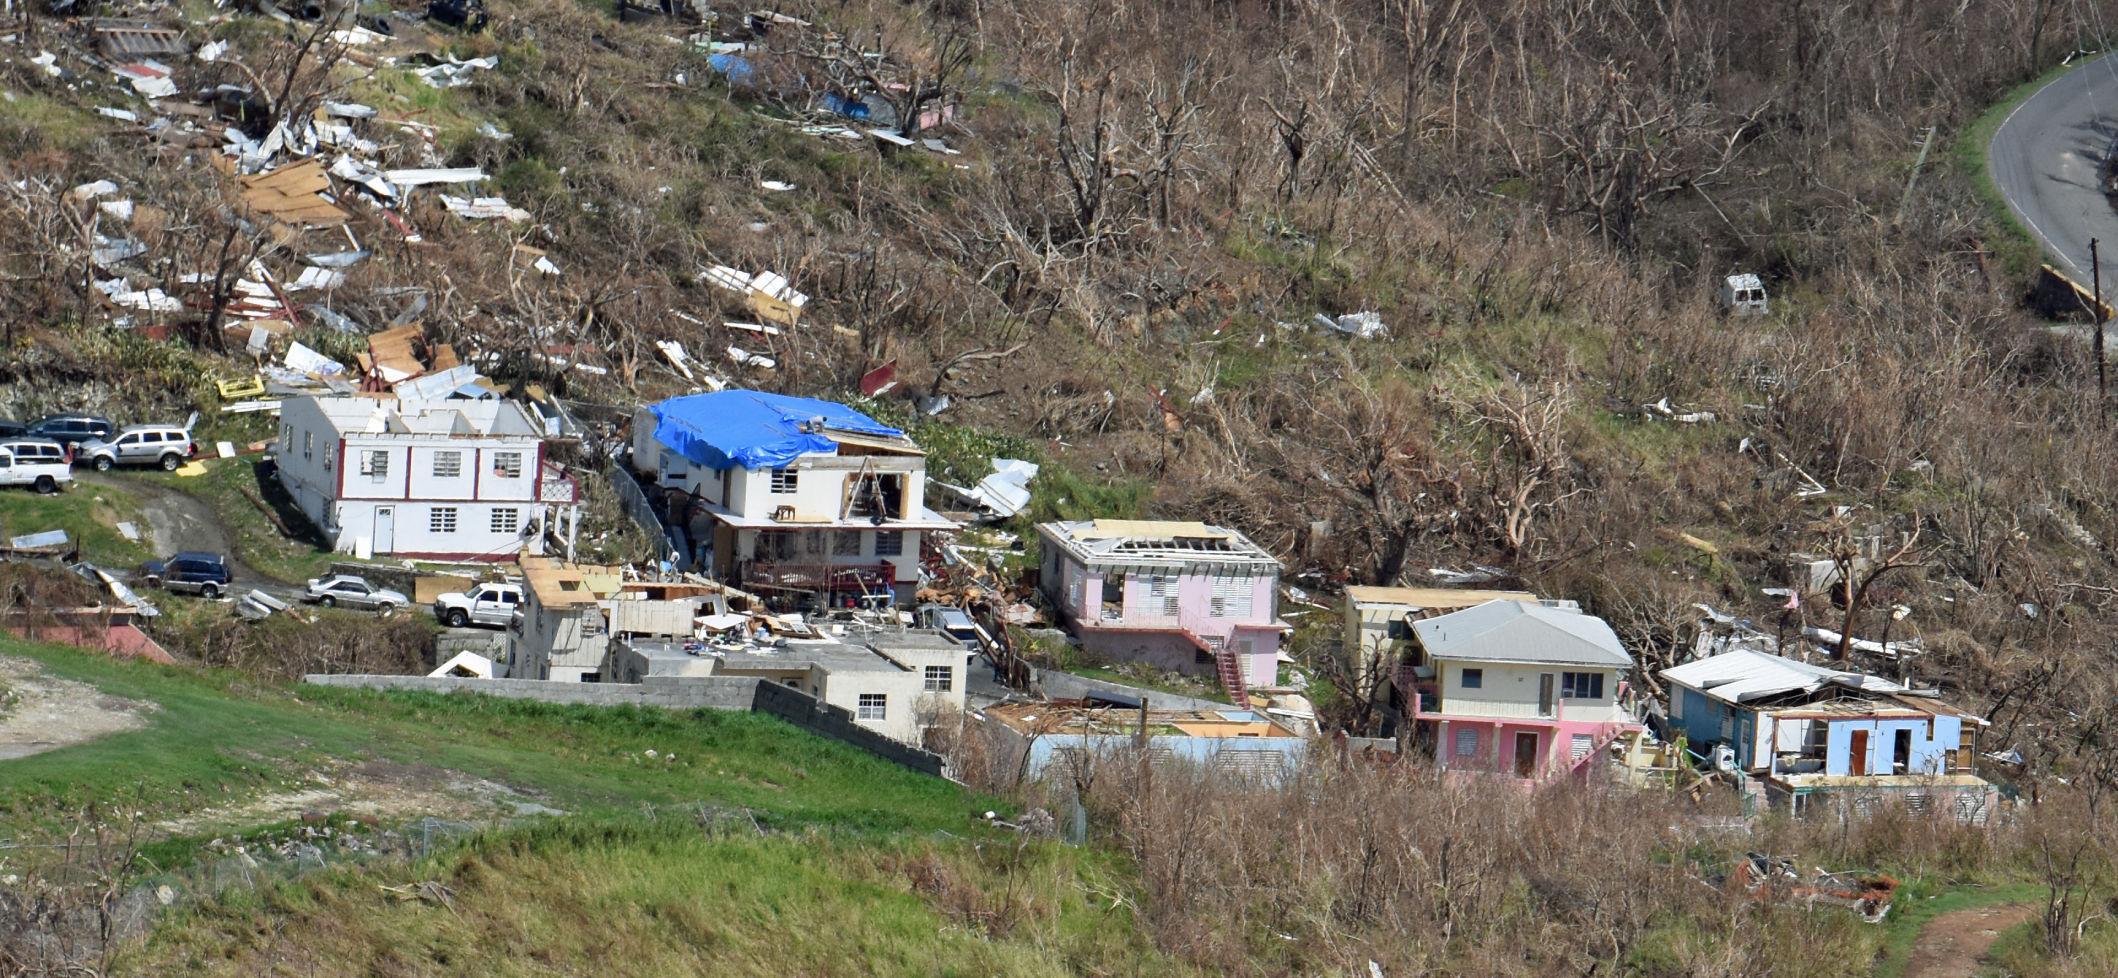 A Kentucky congressman believes federal disaster assistance